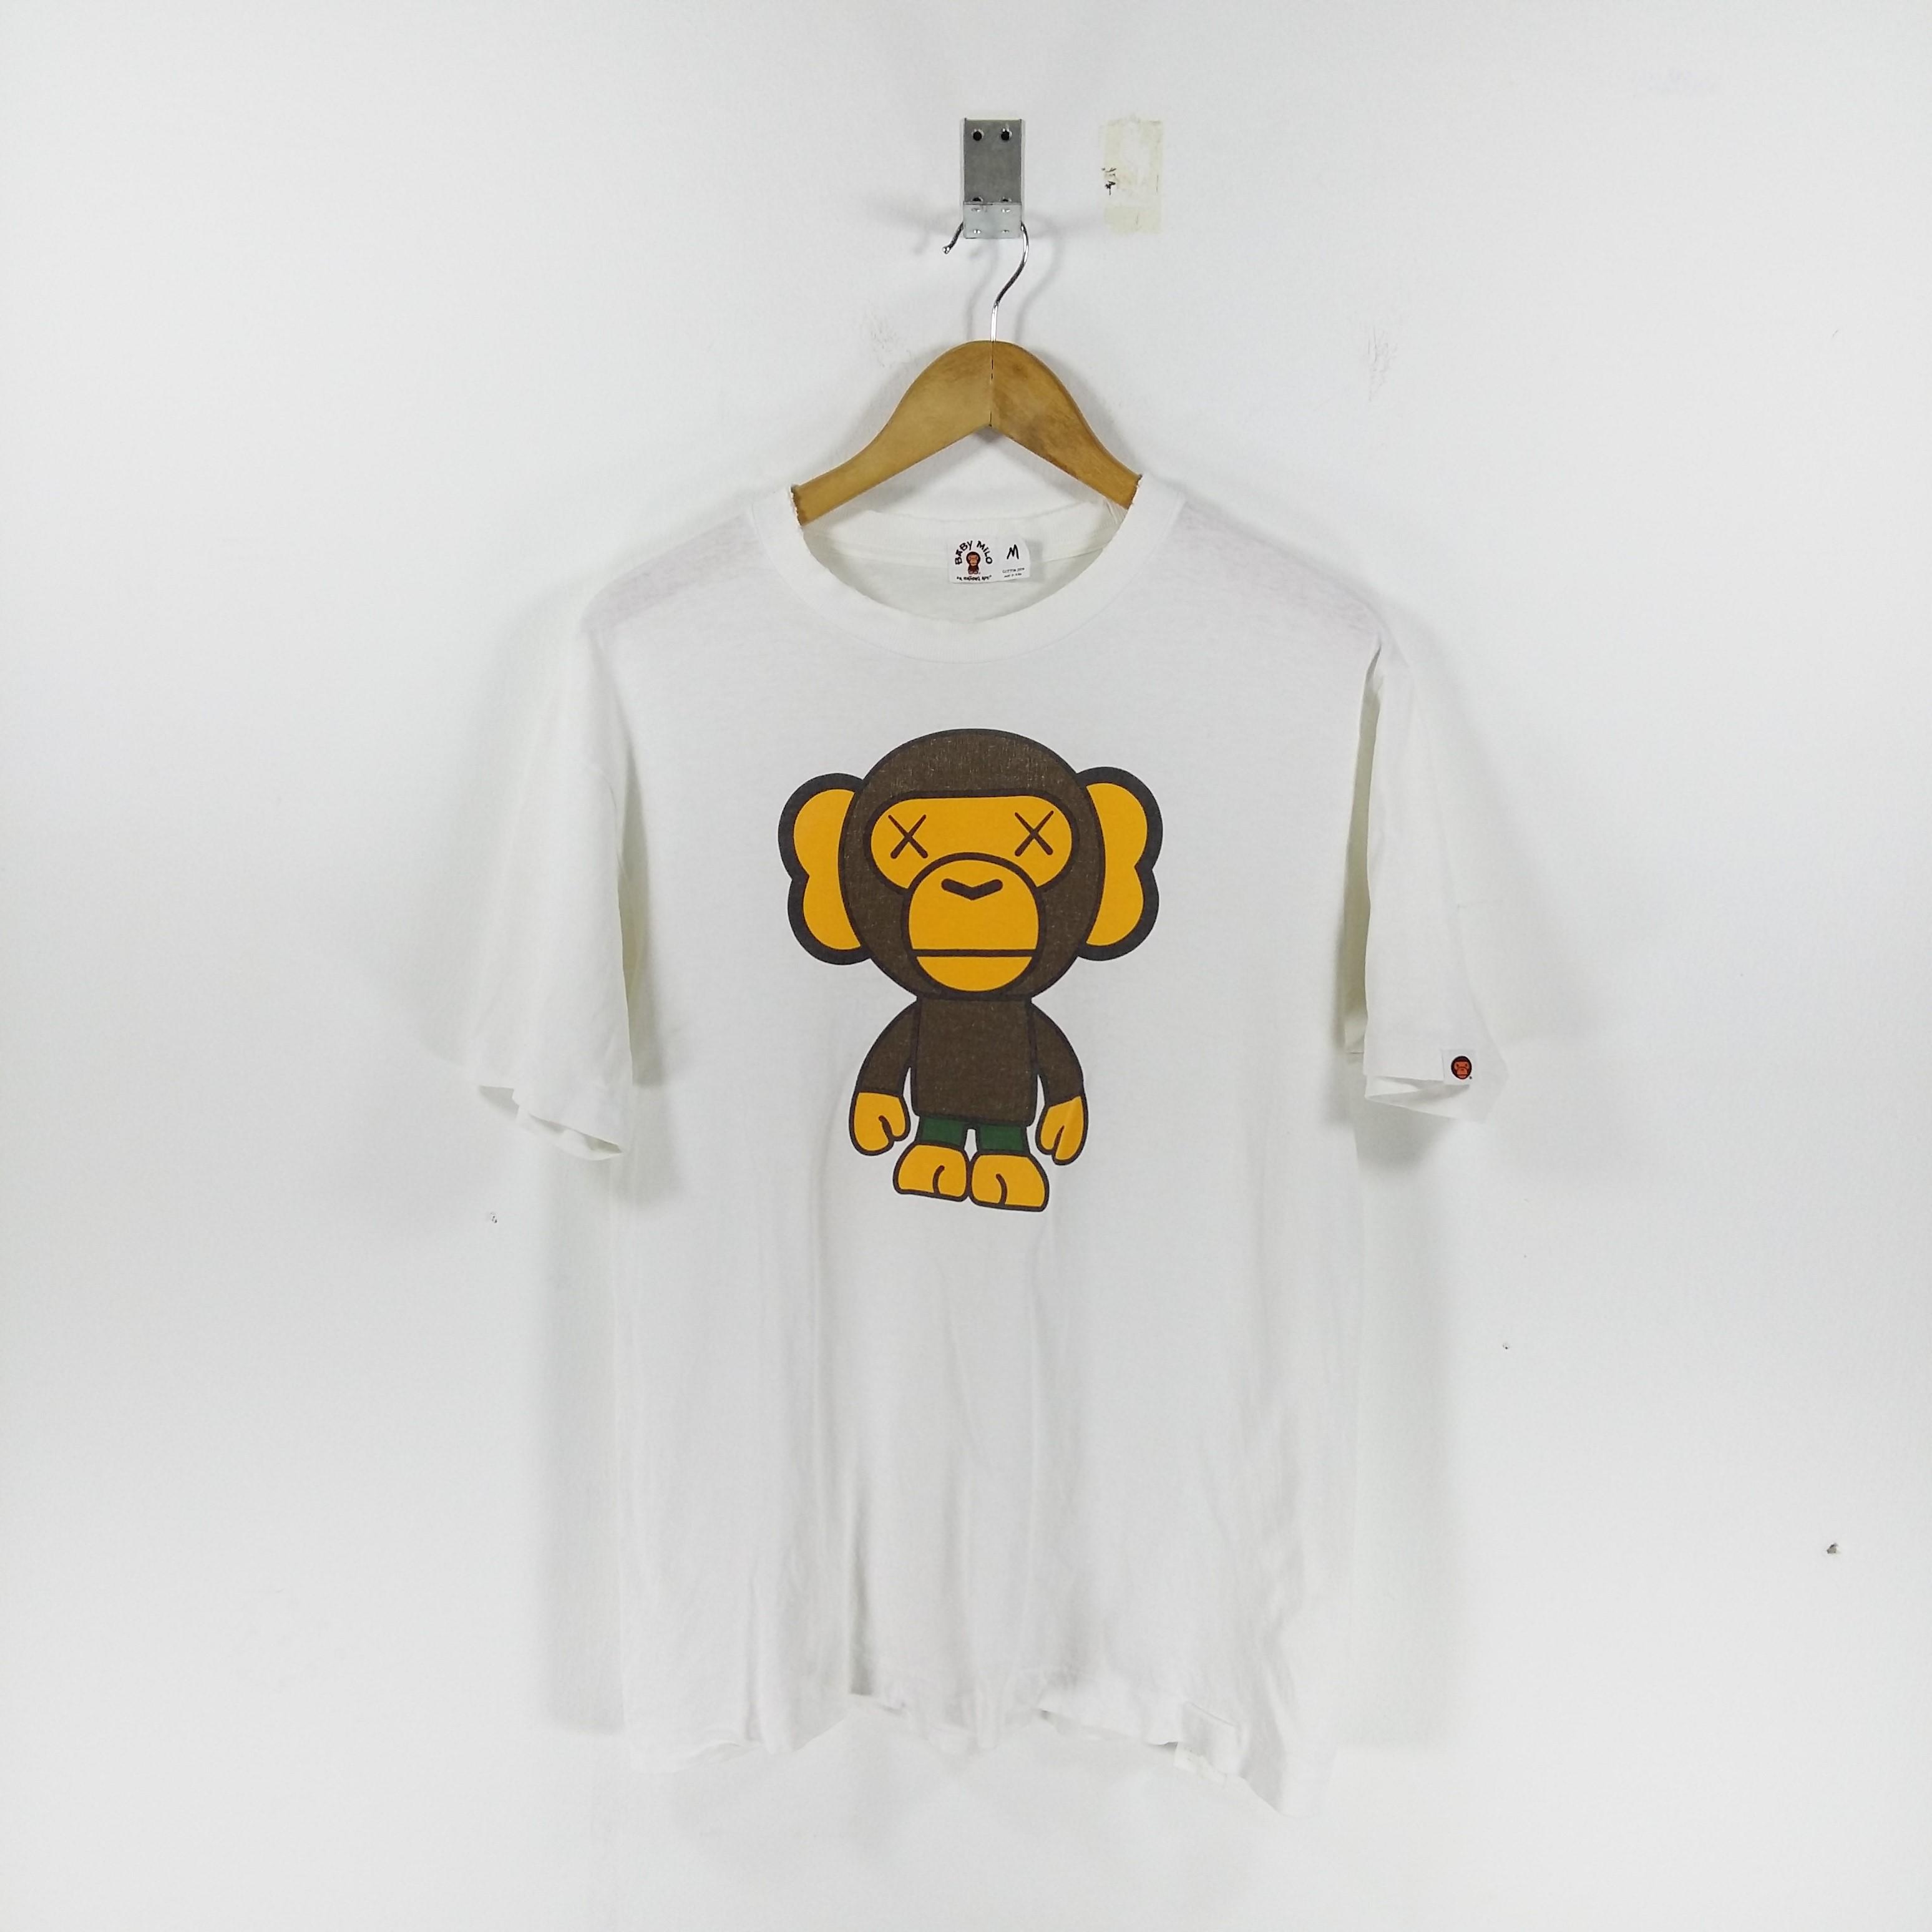 317b2d3fd Bape × Kaws ×. Baby Milo By BATHING APE X KAWS White Crewneck Tshirt  Biglogo Print Size Medium